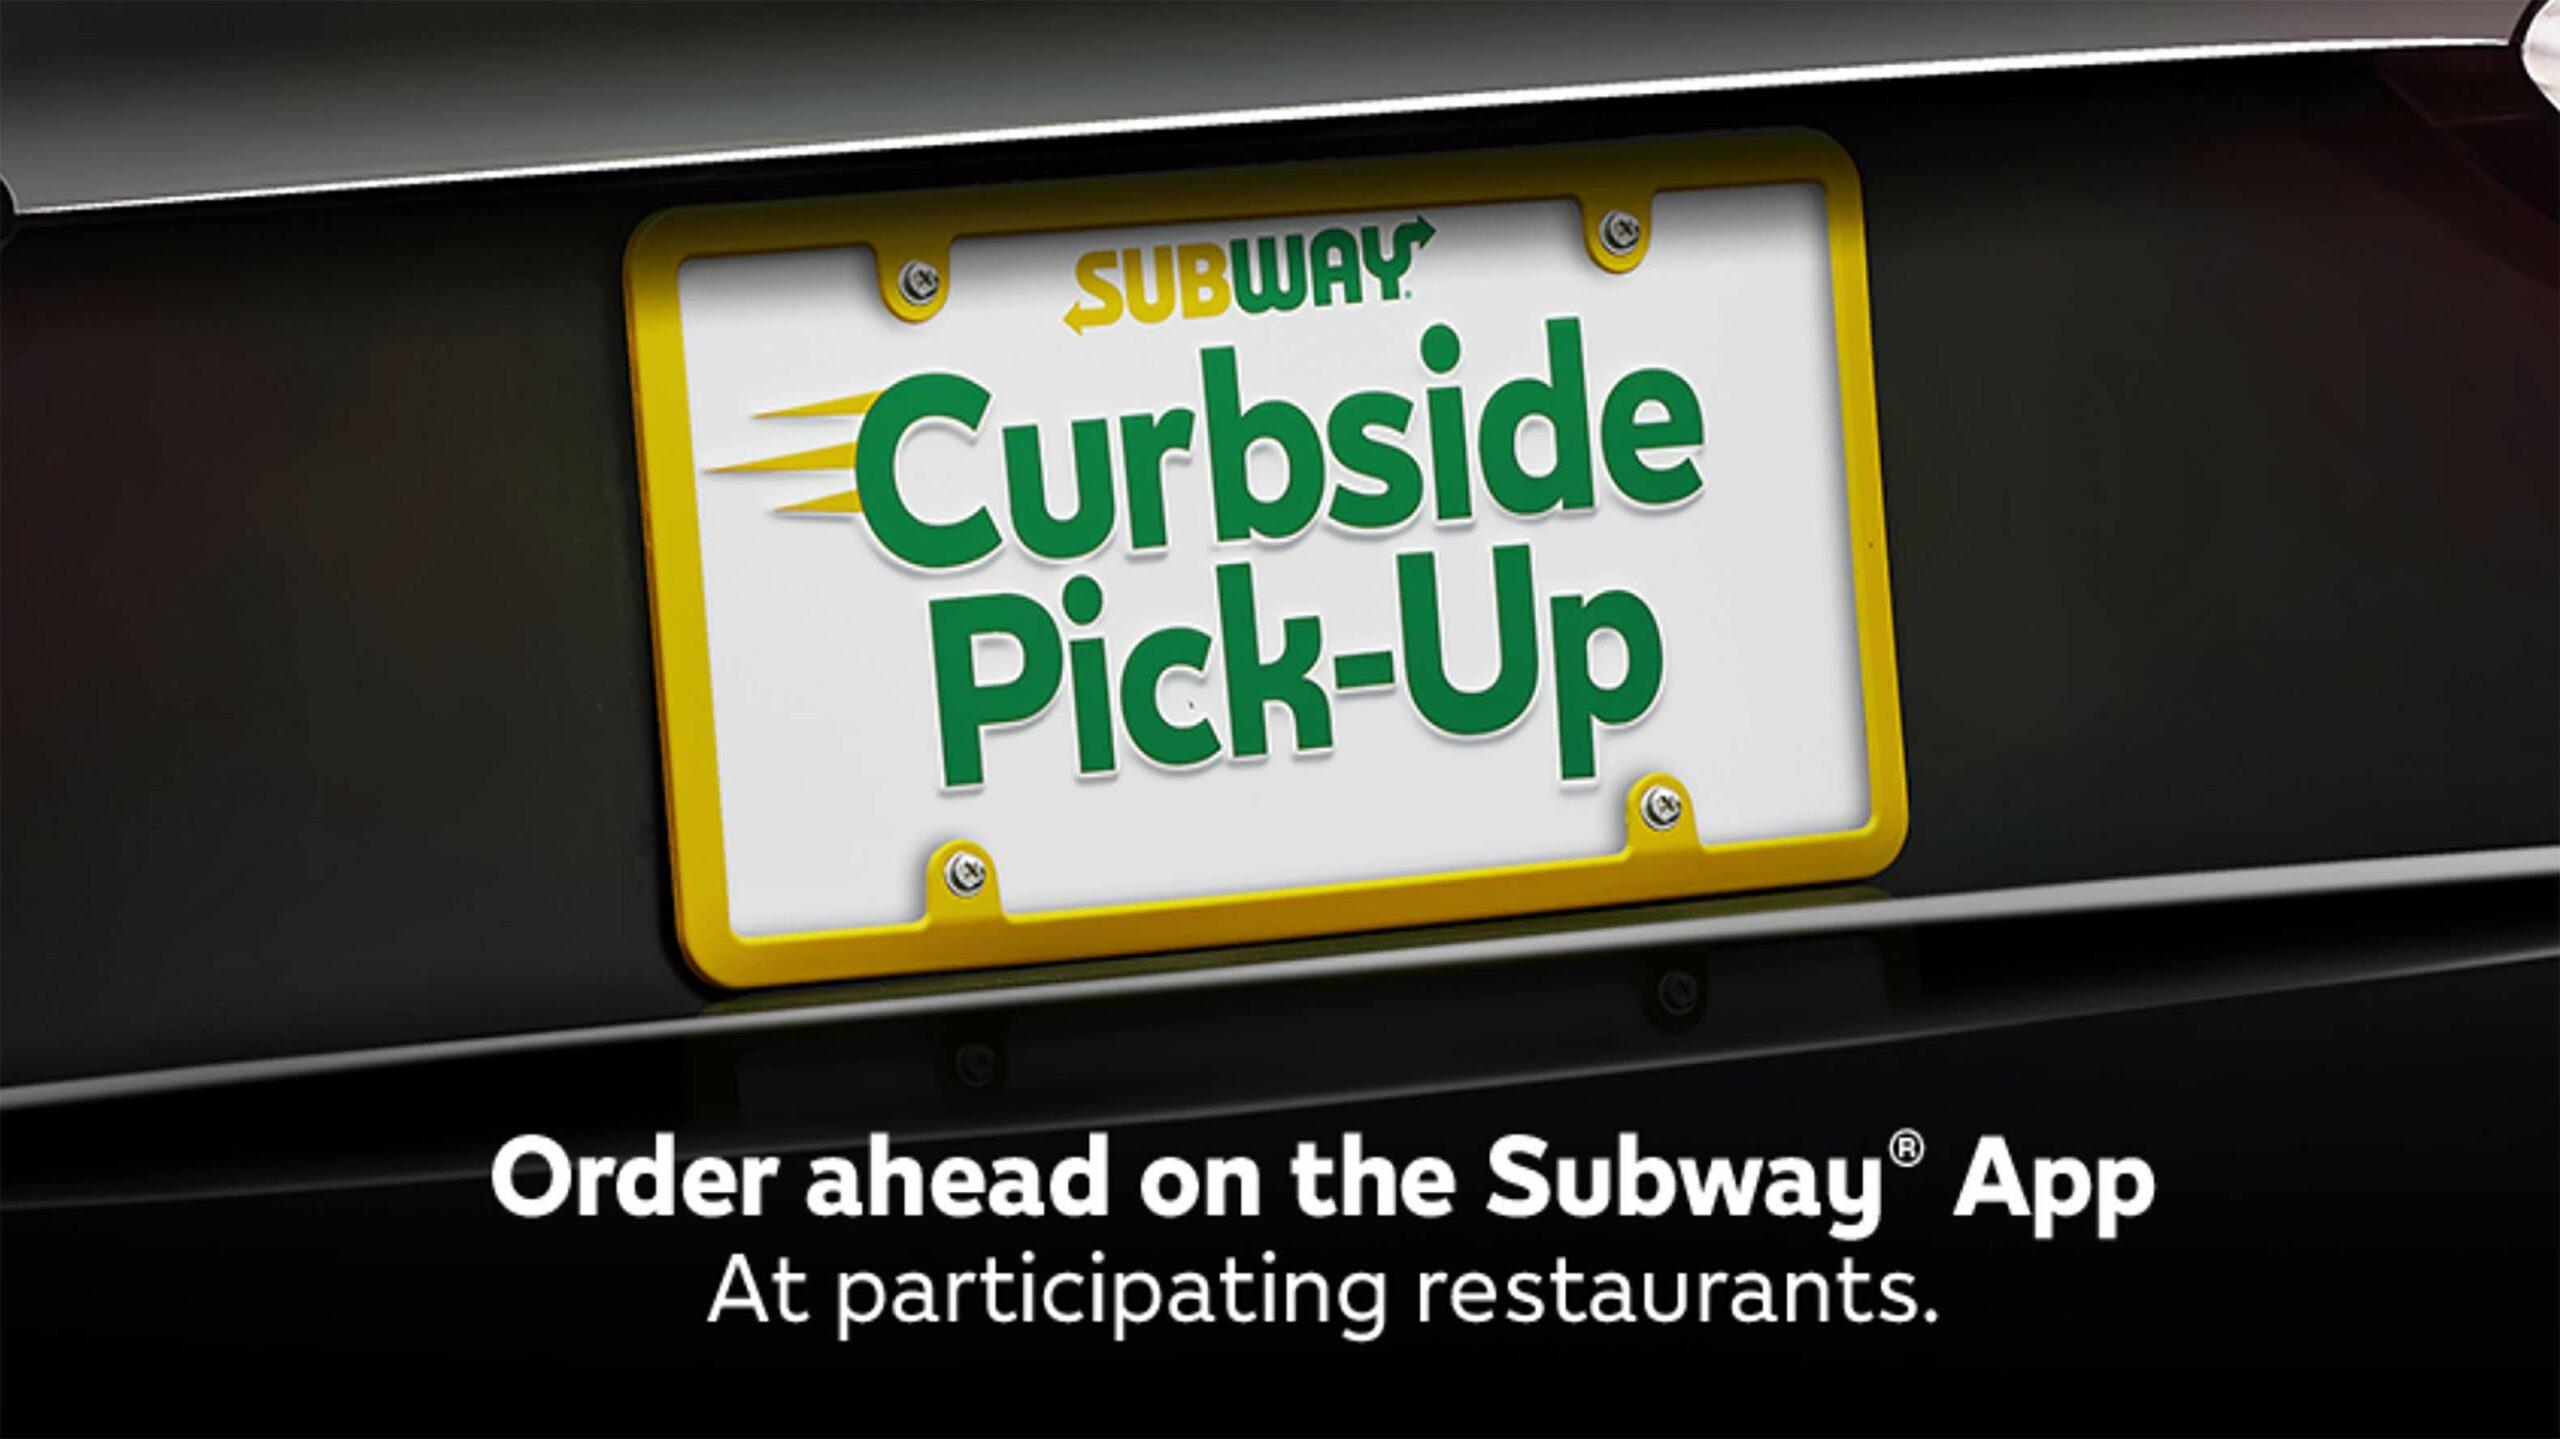 Subway curbside pickup